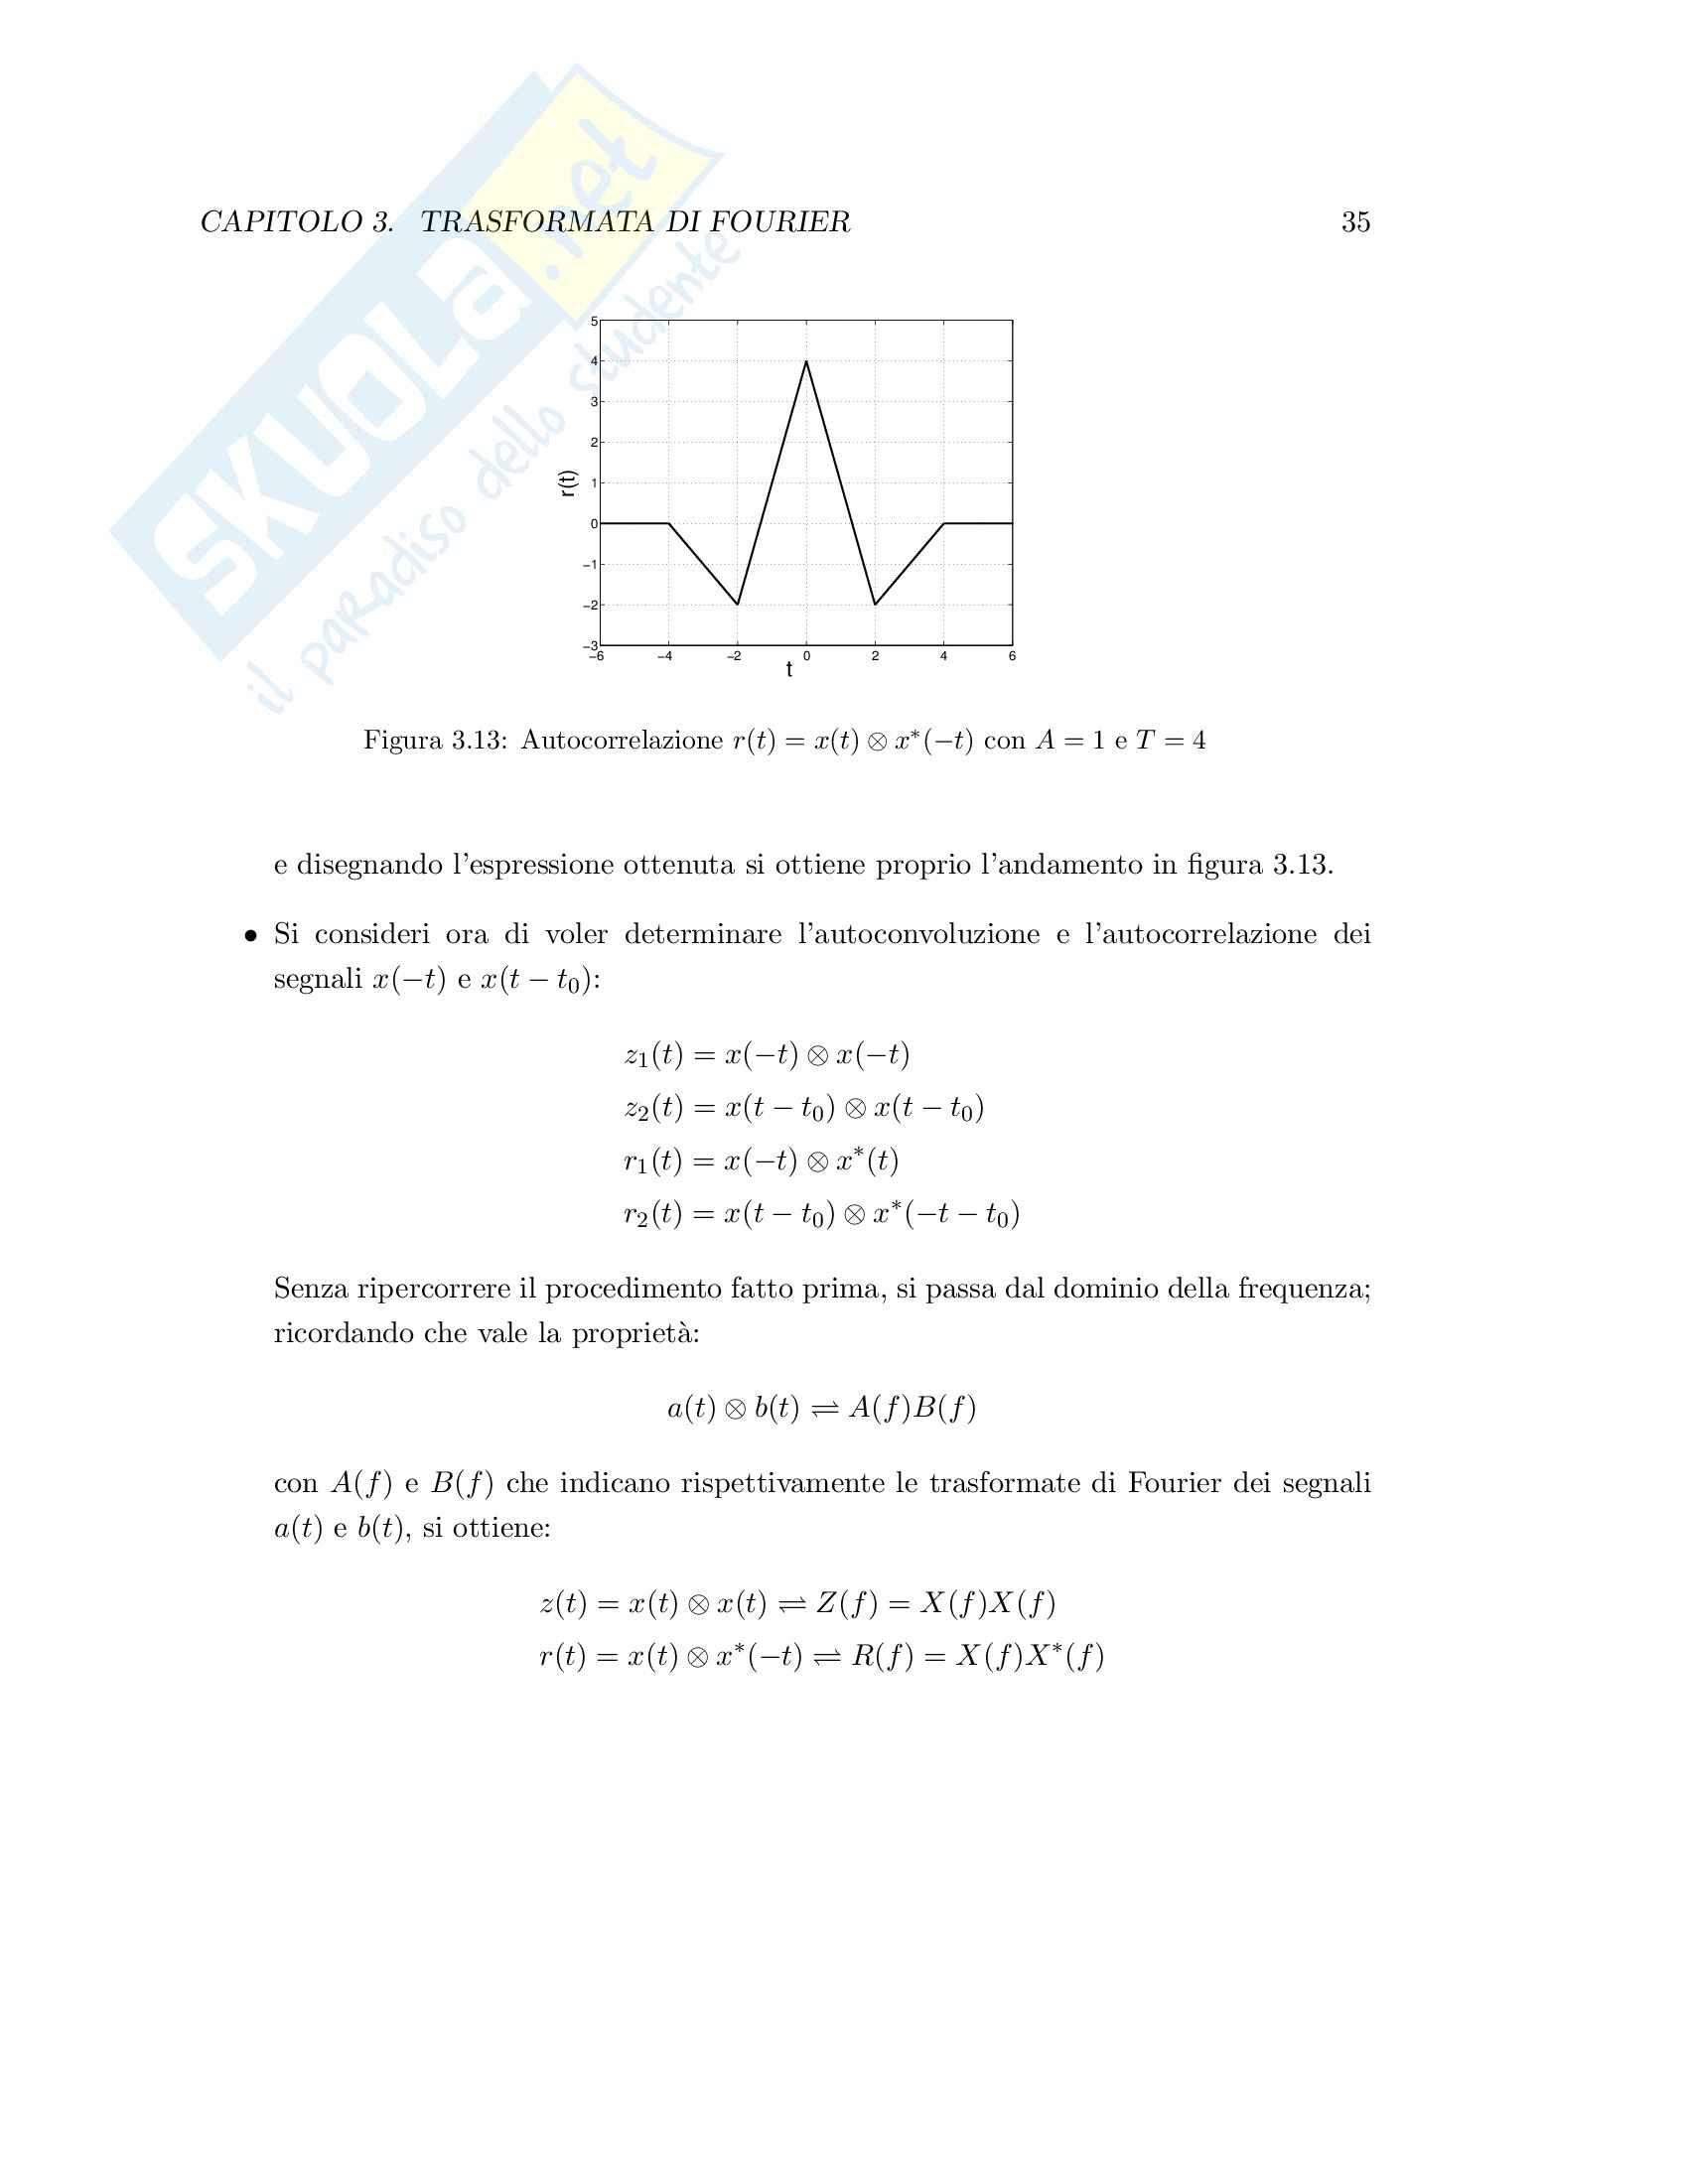 Teoria dei segnali - esercizi svolti Pag. 41